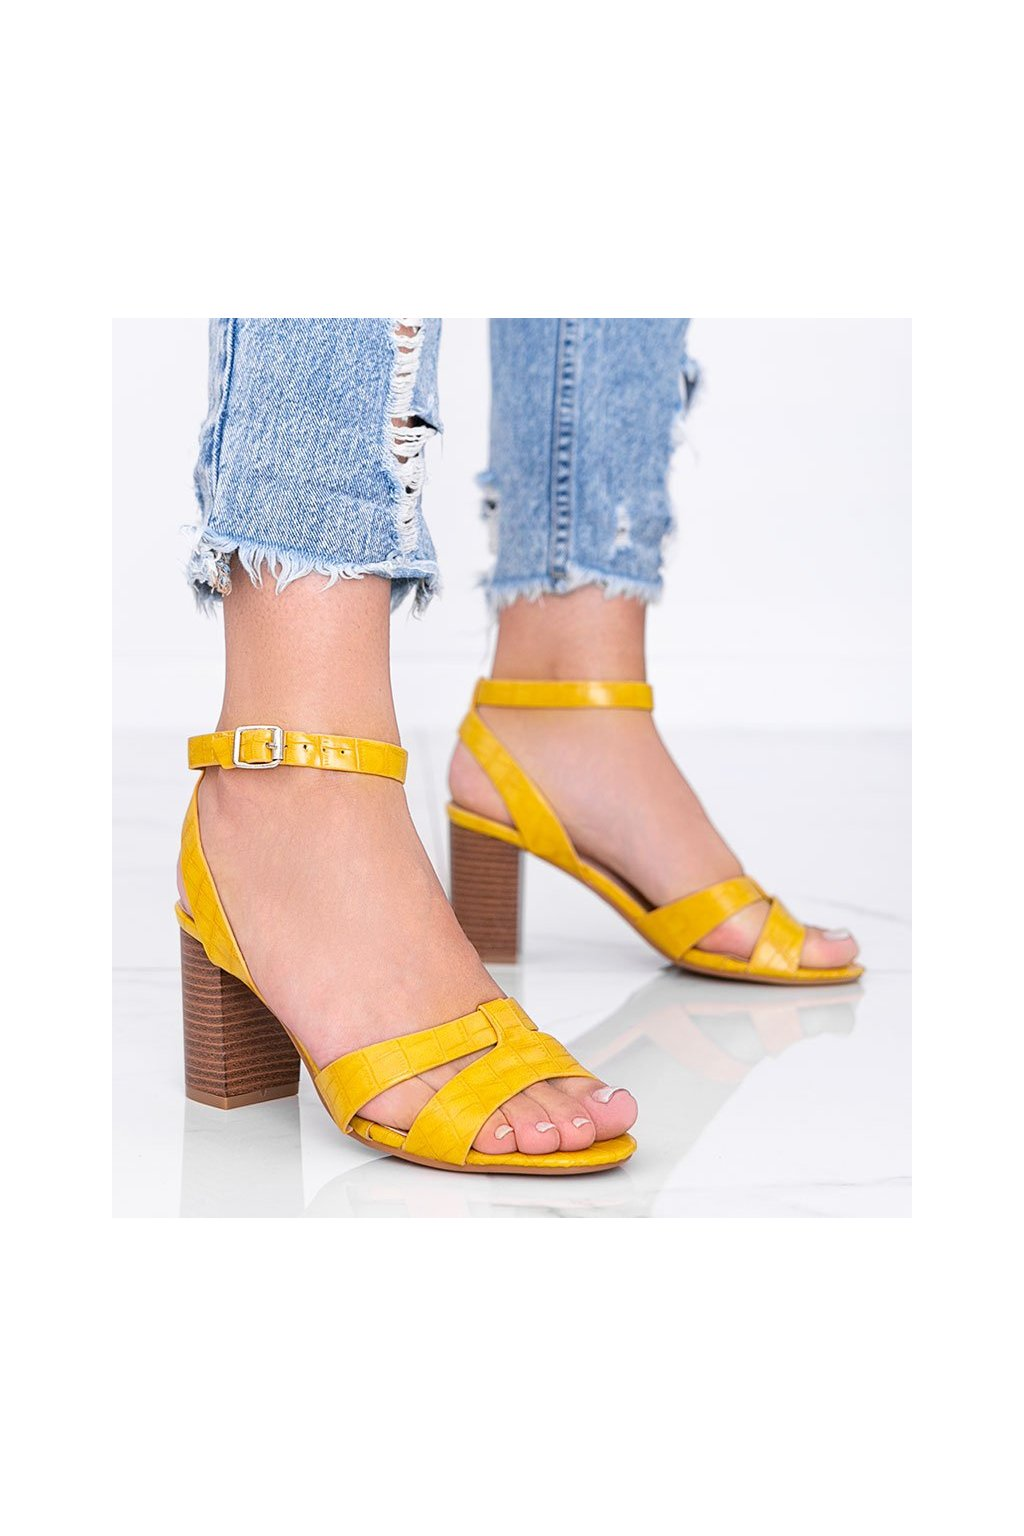 Dámske topánky sandále žlté kód 333-12 - GM